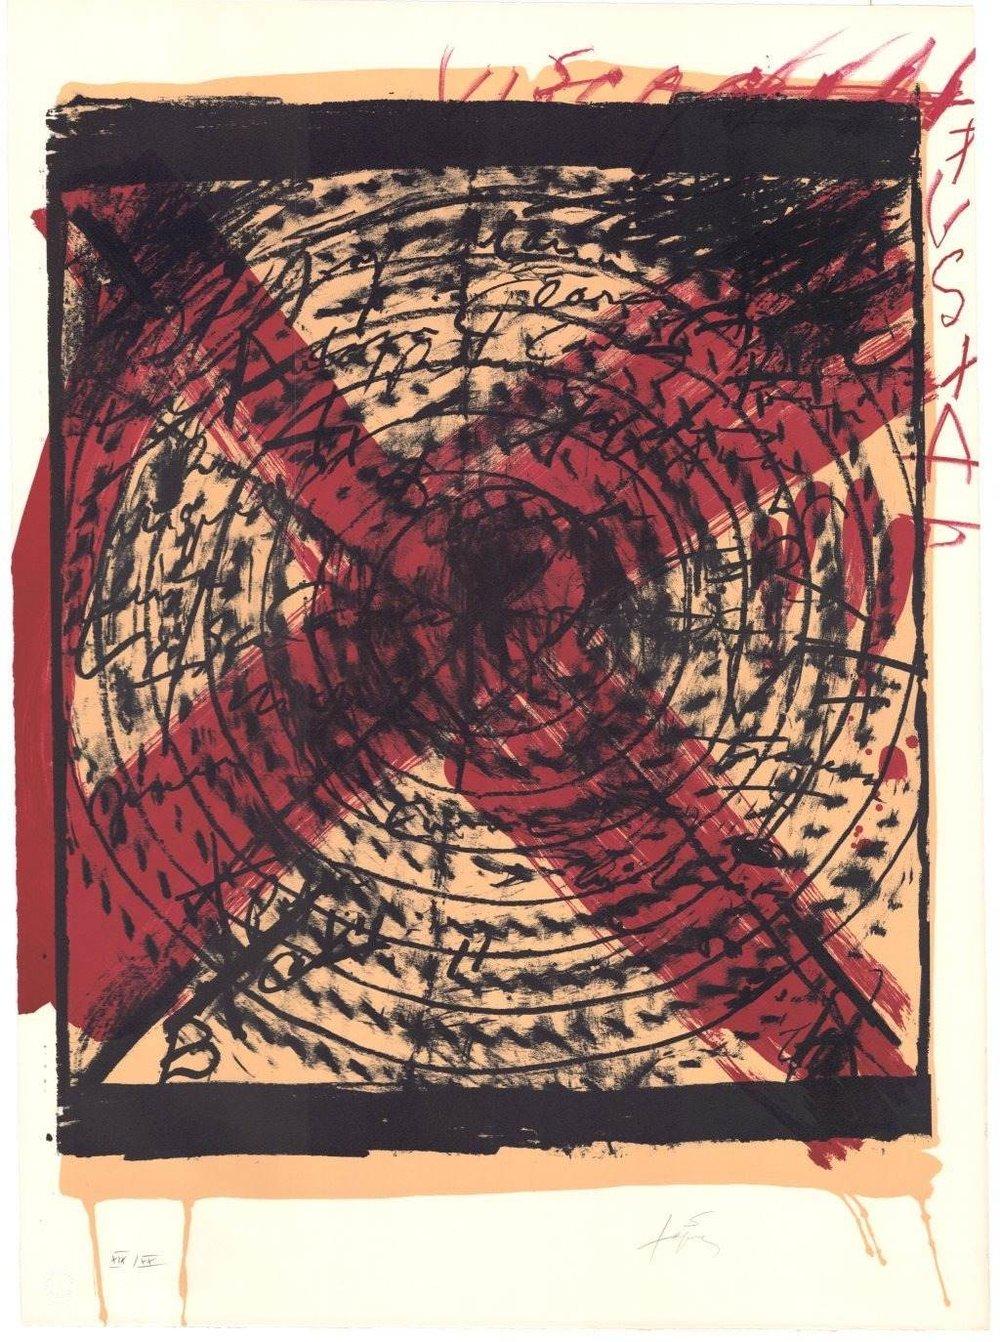 Antonie Tàpies   Diana . 1973 Farblithografie . Auflage XX . 75 x 56 cm  2.200 Euro  unverbindliche Anfrage